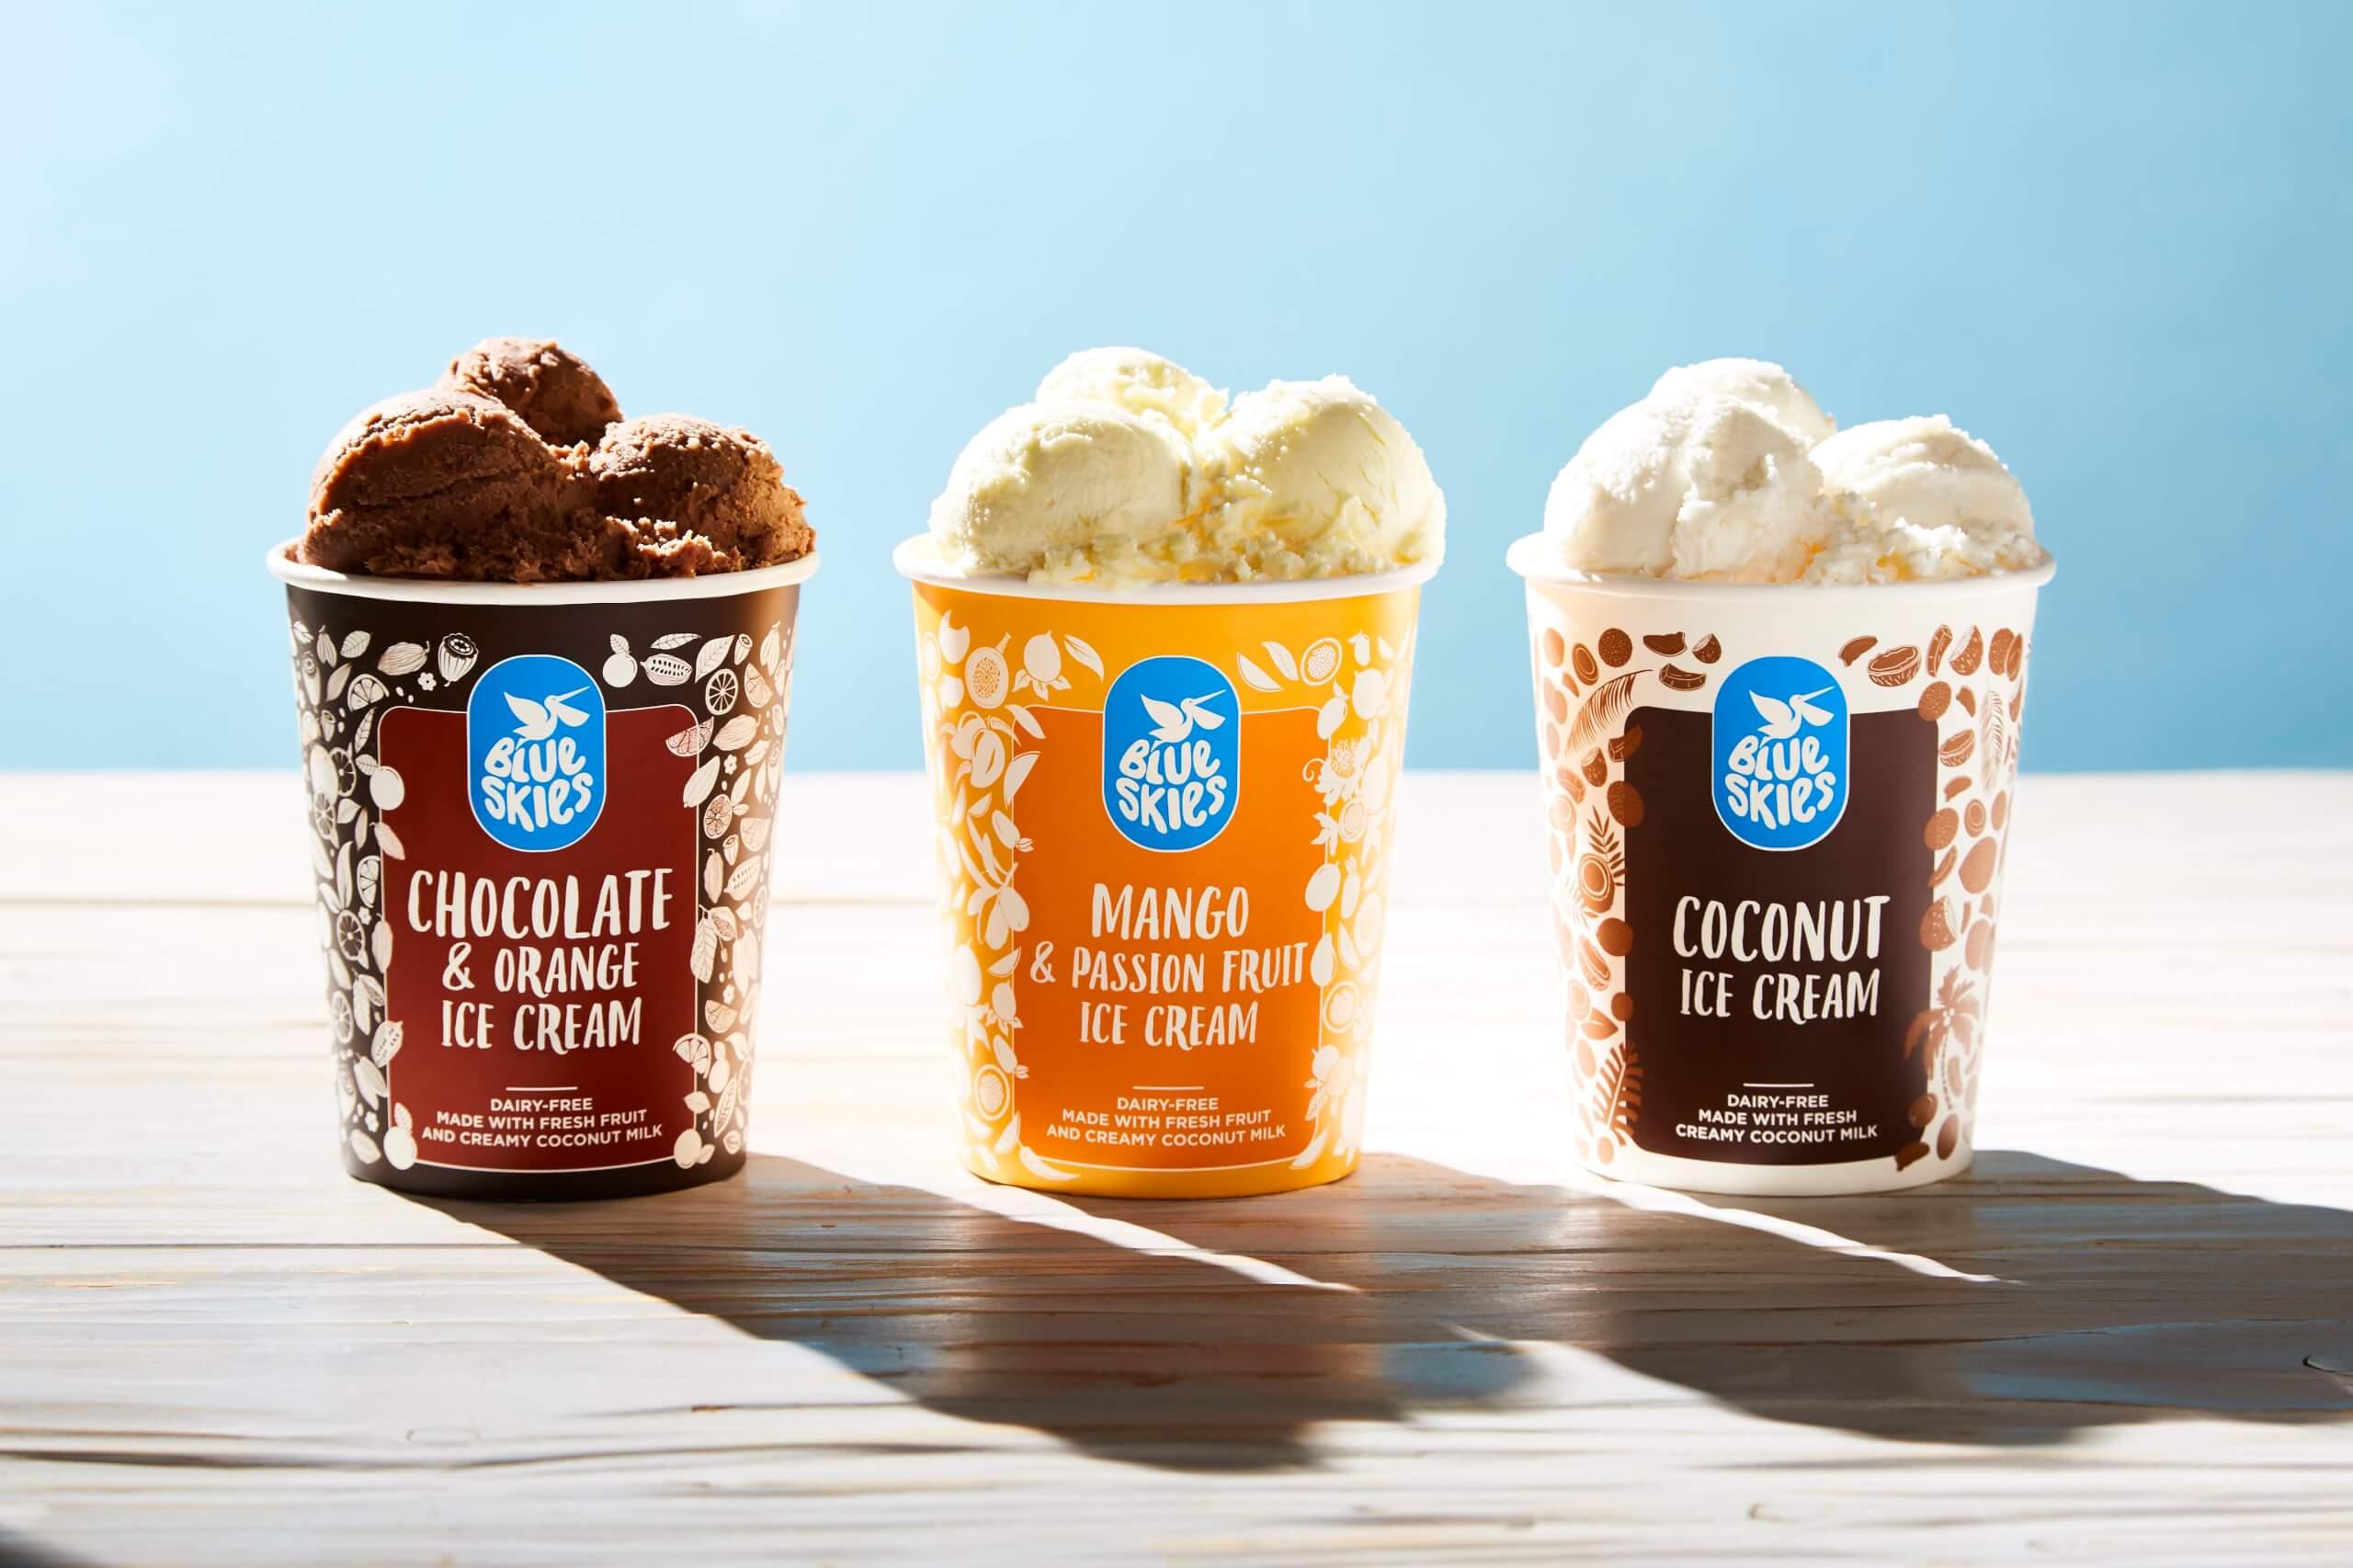 best ice creams, best ice cream brands, best ice creams brands uk, best ice cream summer, ice cream brands